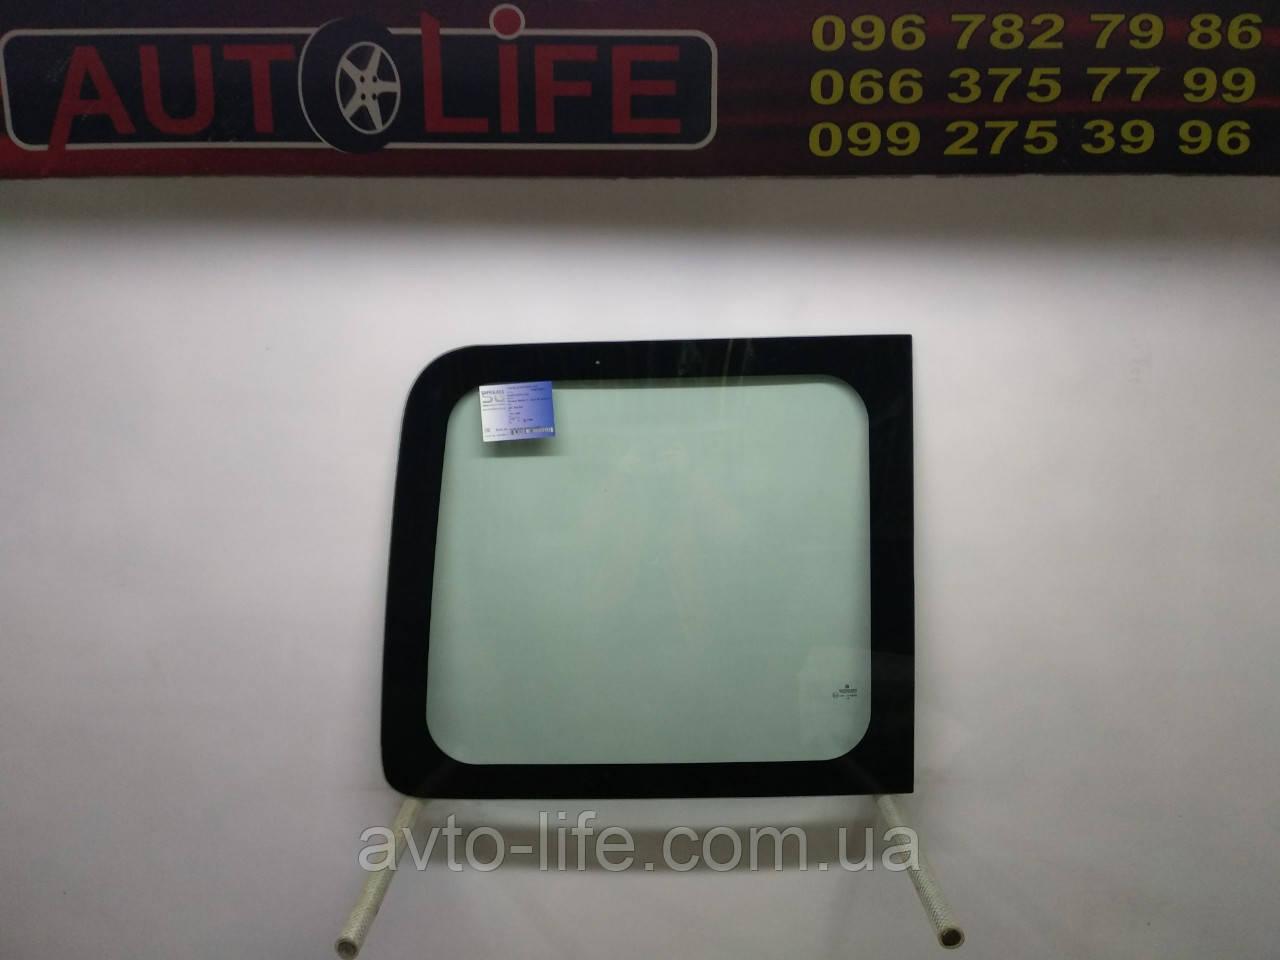 Заднее стекло (тыльное) Renault Master / Opel Movano левое| Заднє скло Рено, Опель | Заміна скла